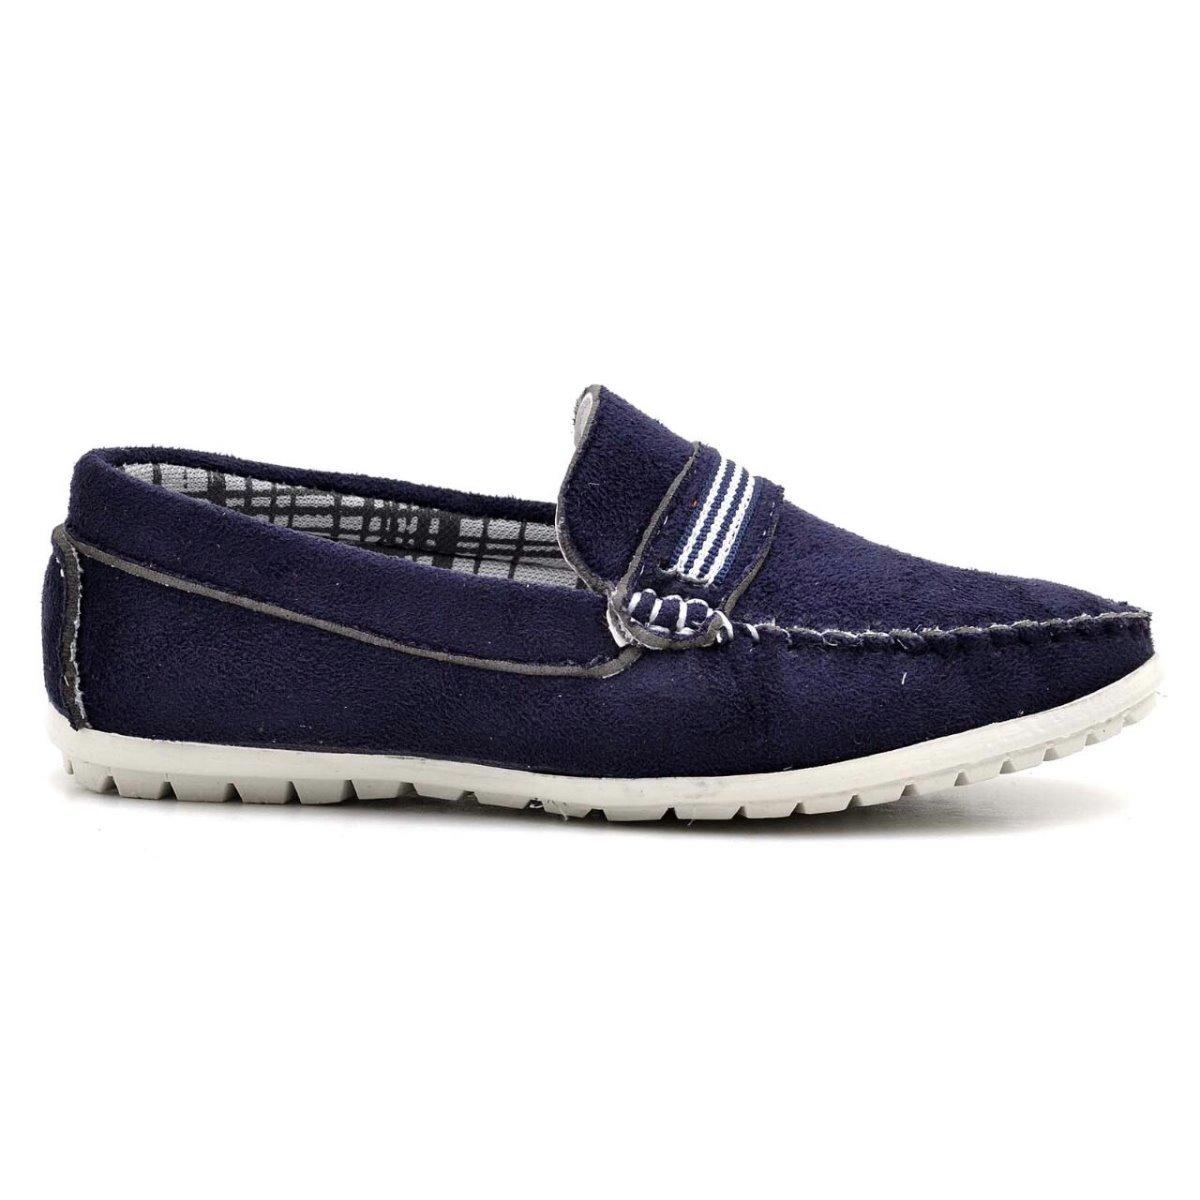 55cf6015da sapato mocassim infantil masculino em couro casual 4 cores. Carregando zoom.